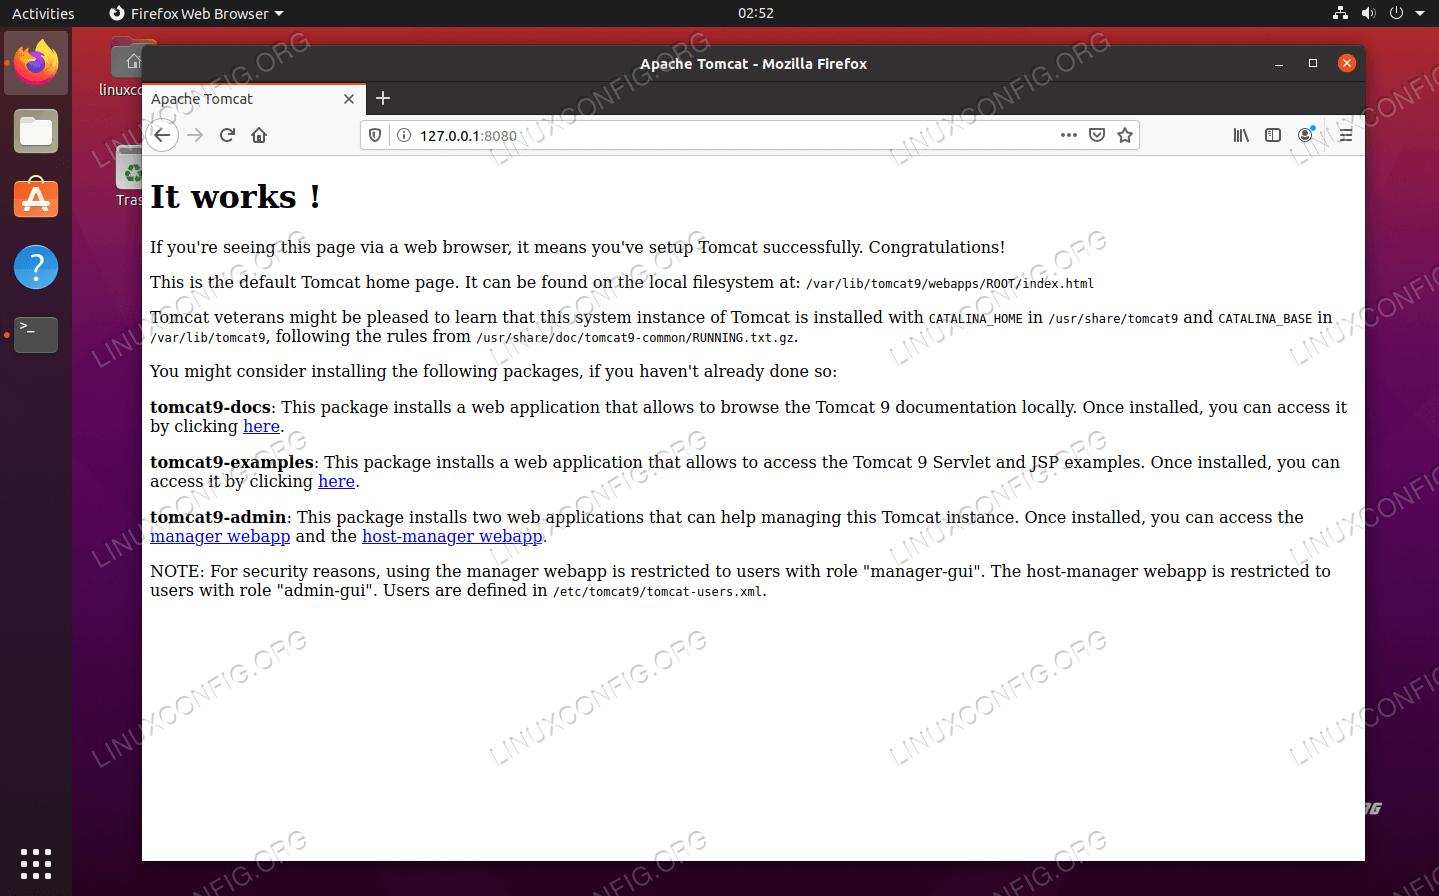 Apache Tomcat работает и подключается из браузера